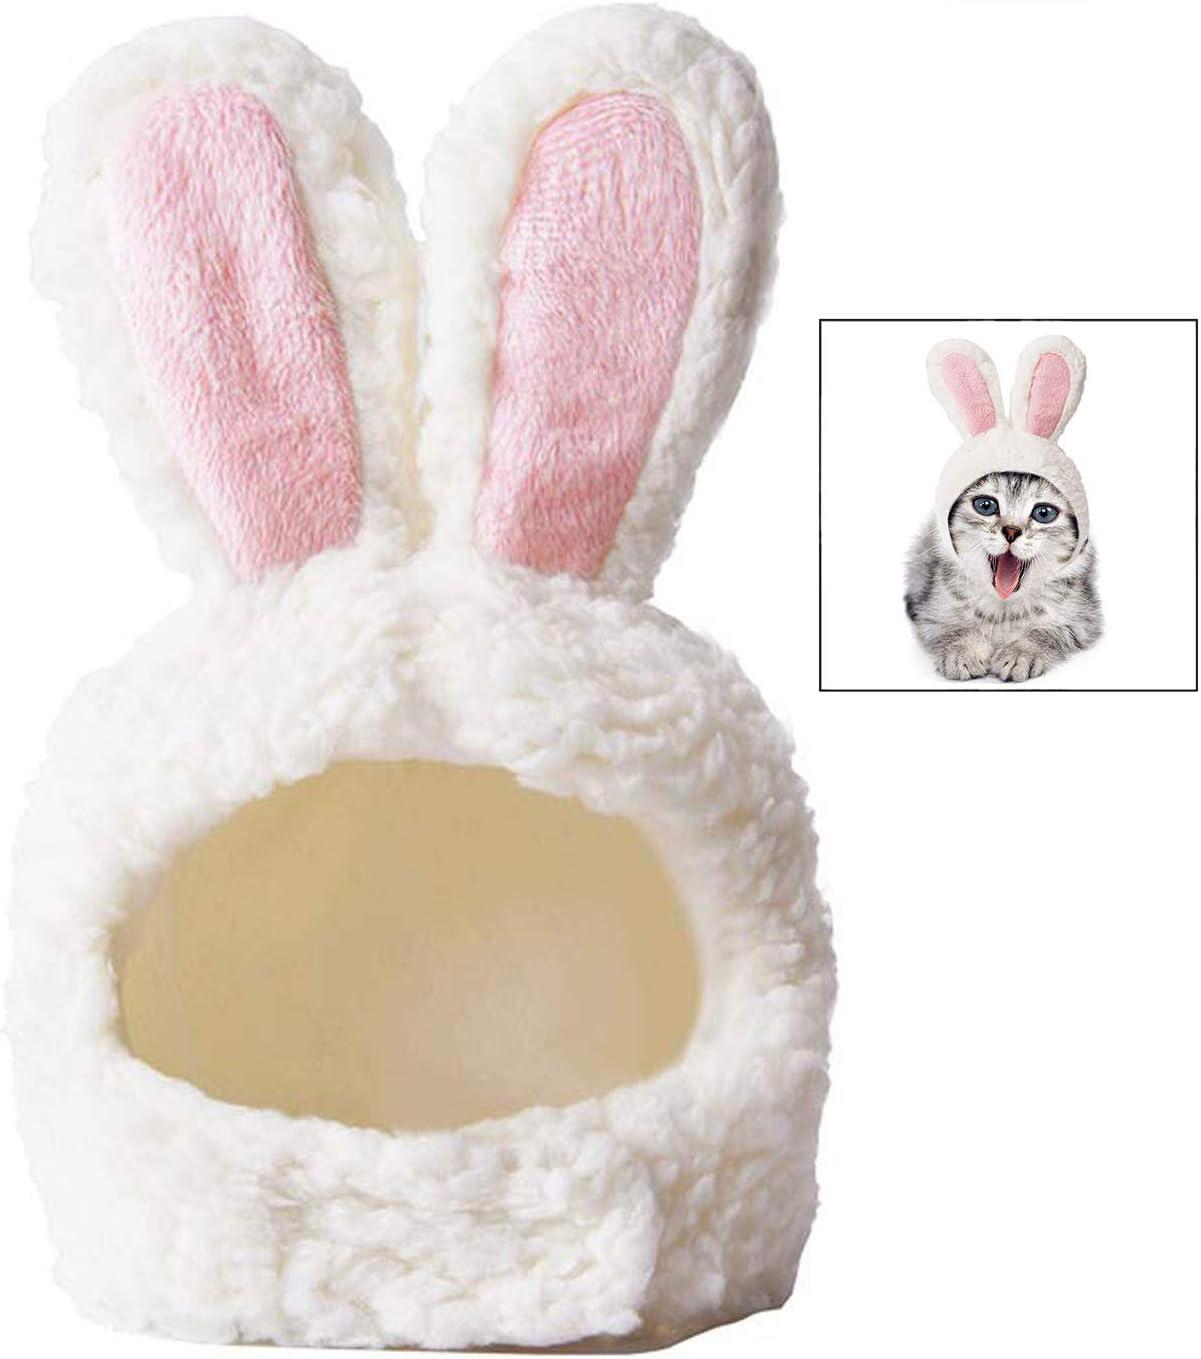 iwobi Disfraz Gato, Orejas de Gato en Forma de Conejo Gorro de Gato para Mascota, Disfraz para Gato Orejas de Conejo para Cosplay de Pascua